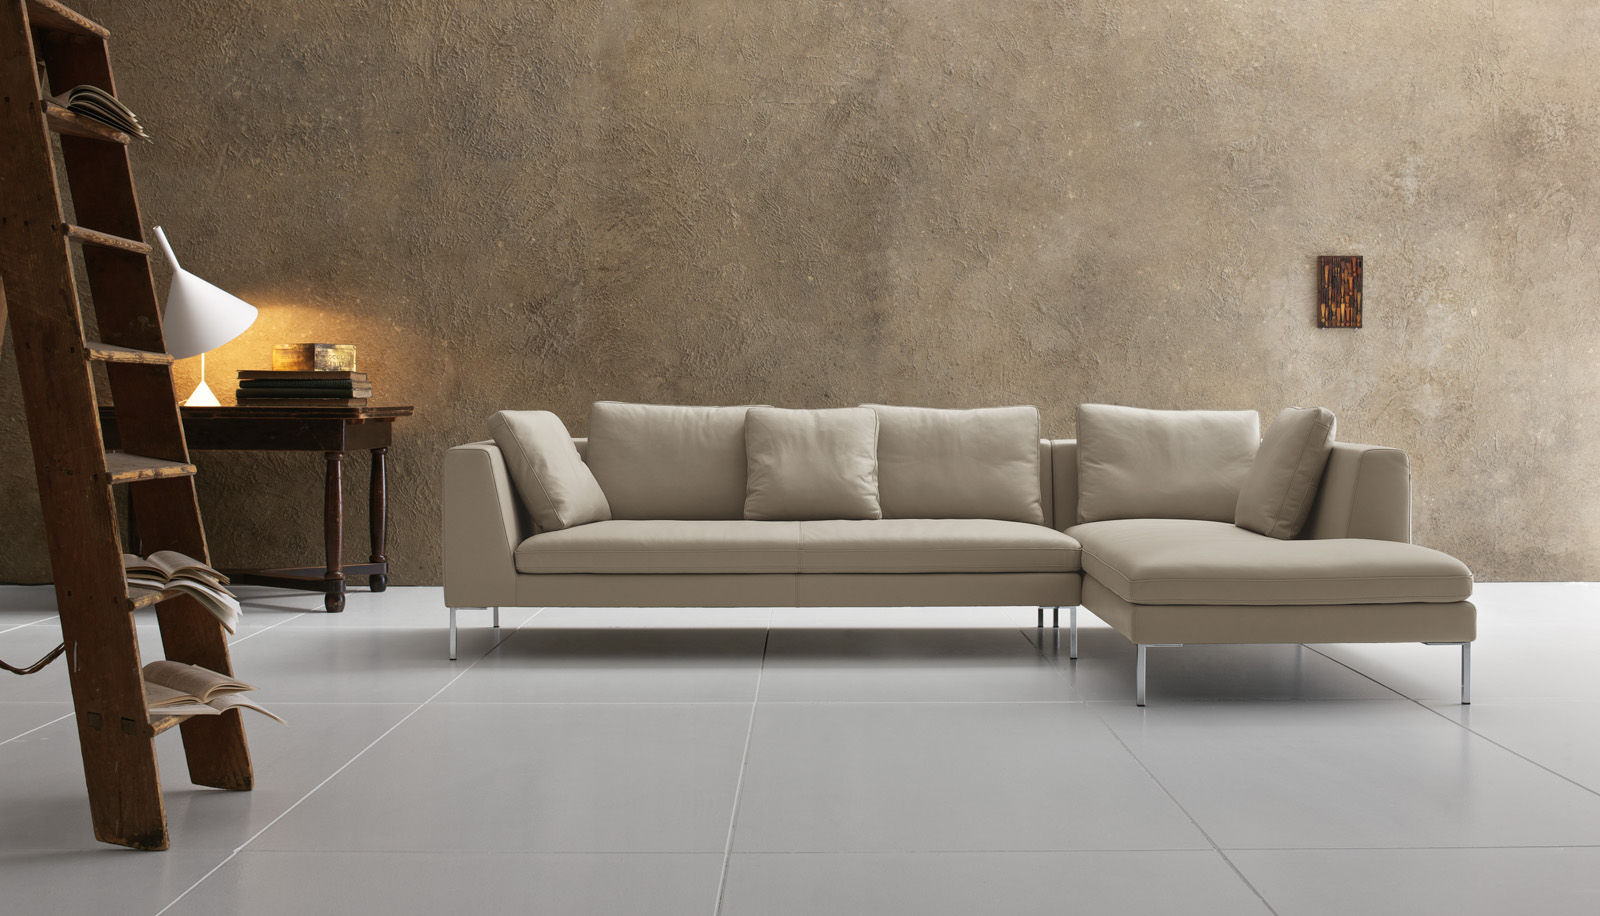 Divani blog tino mariani denny divano componibile moderno in tessuto o pelle - Divano pelle o tessuto ...